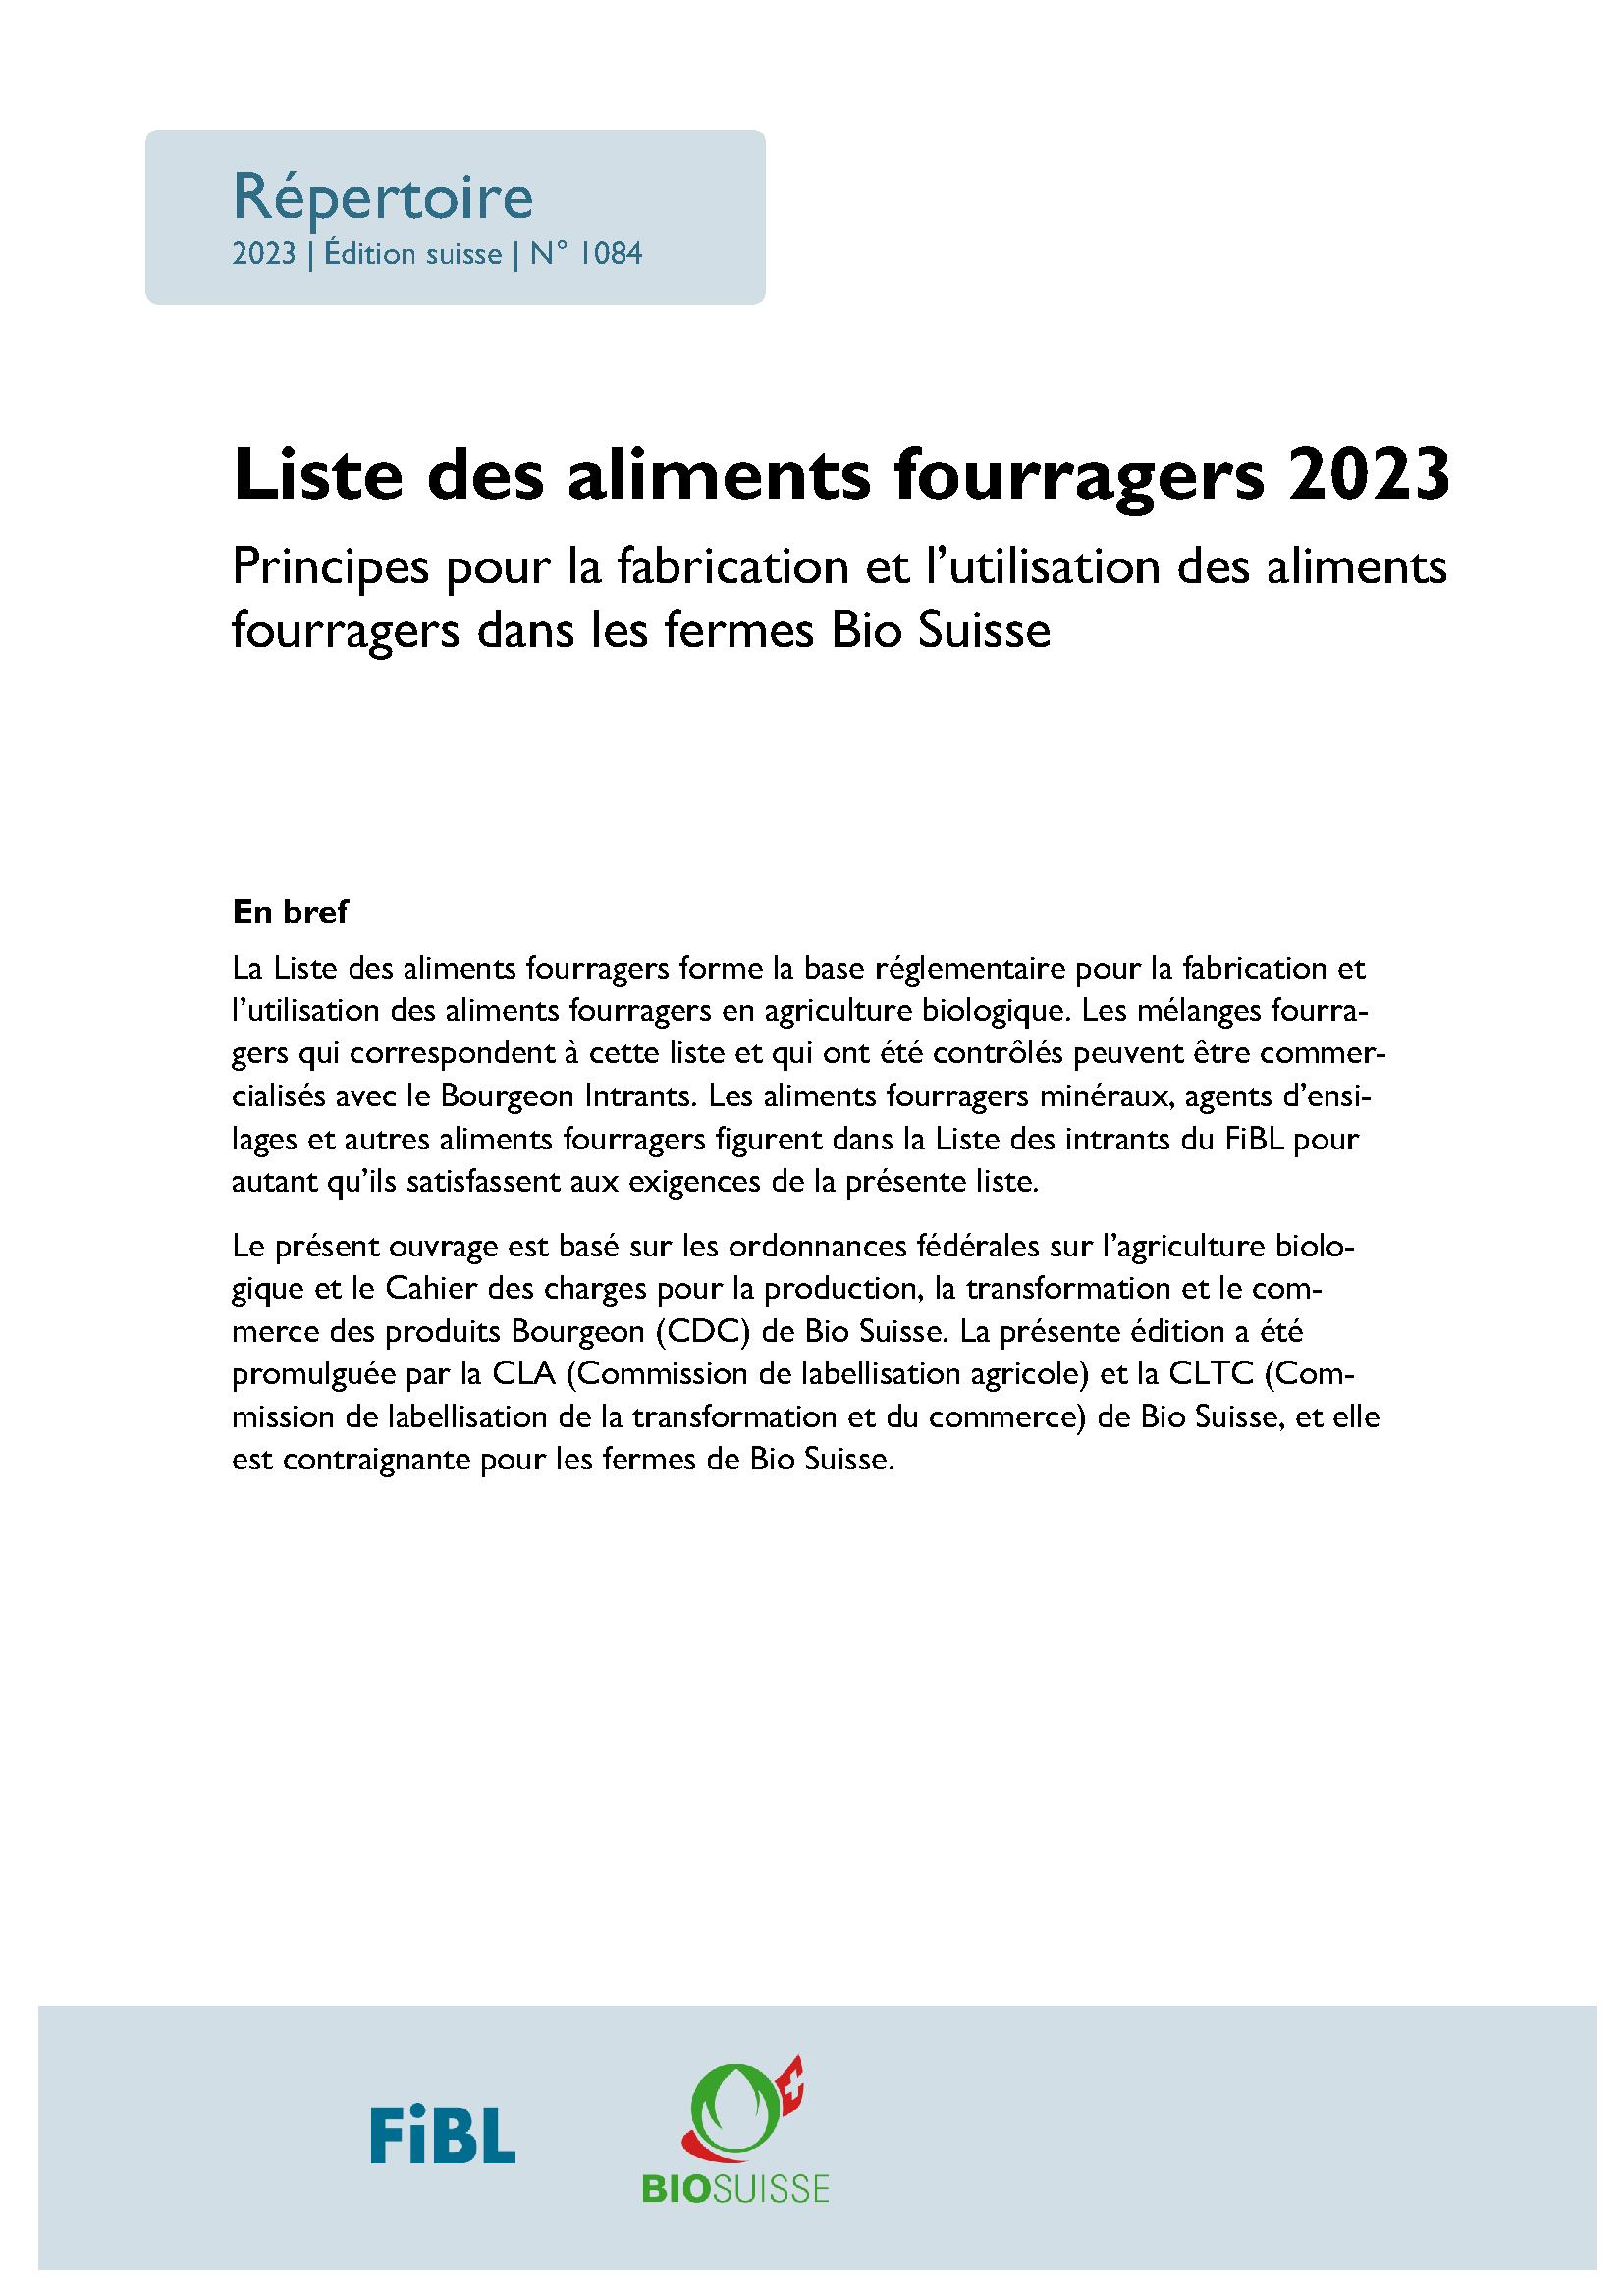 Liste des aliments fourragers 2020